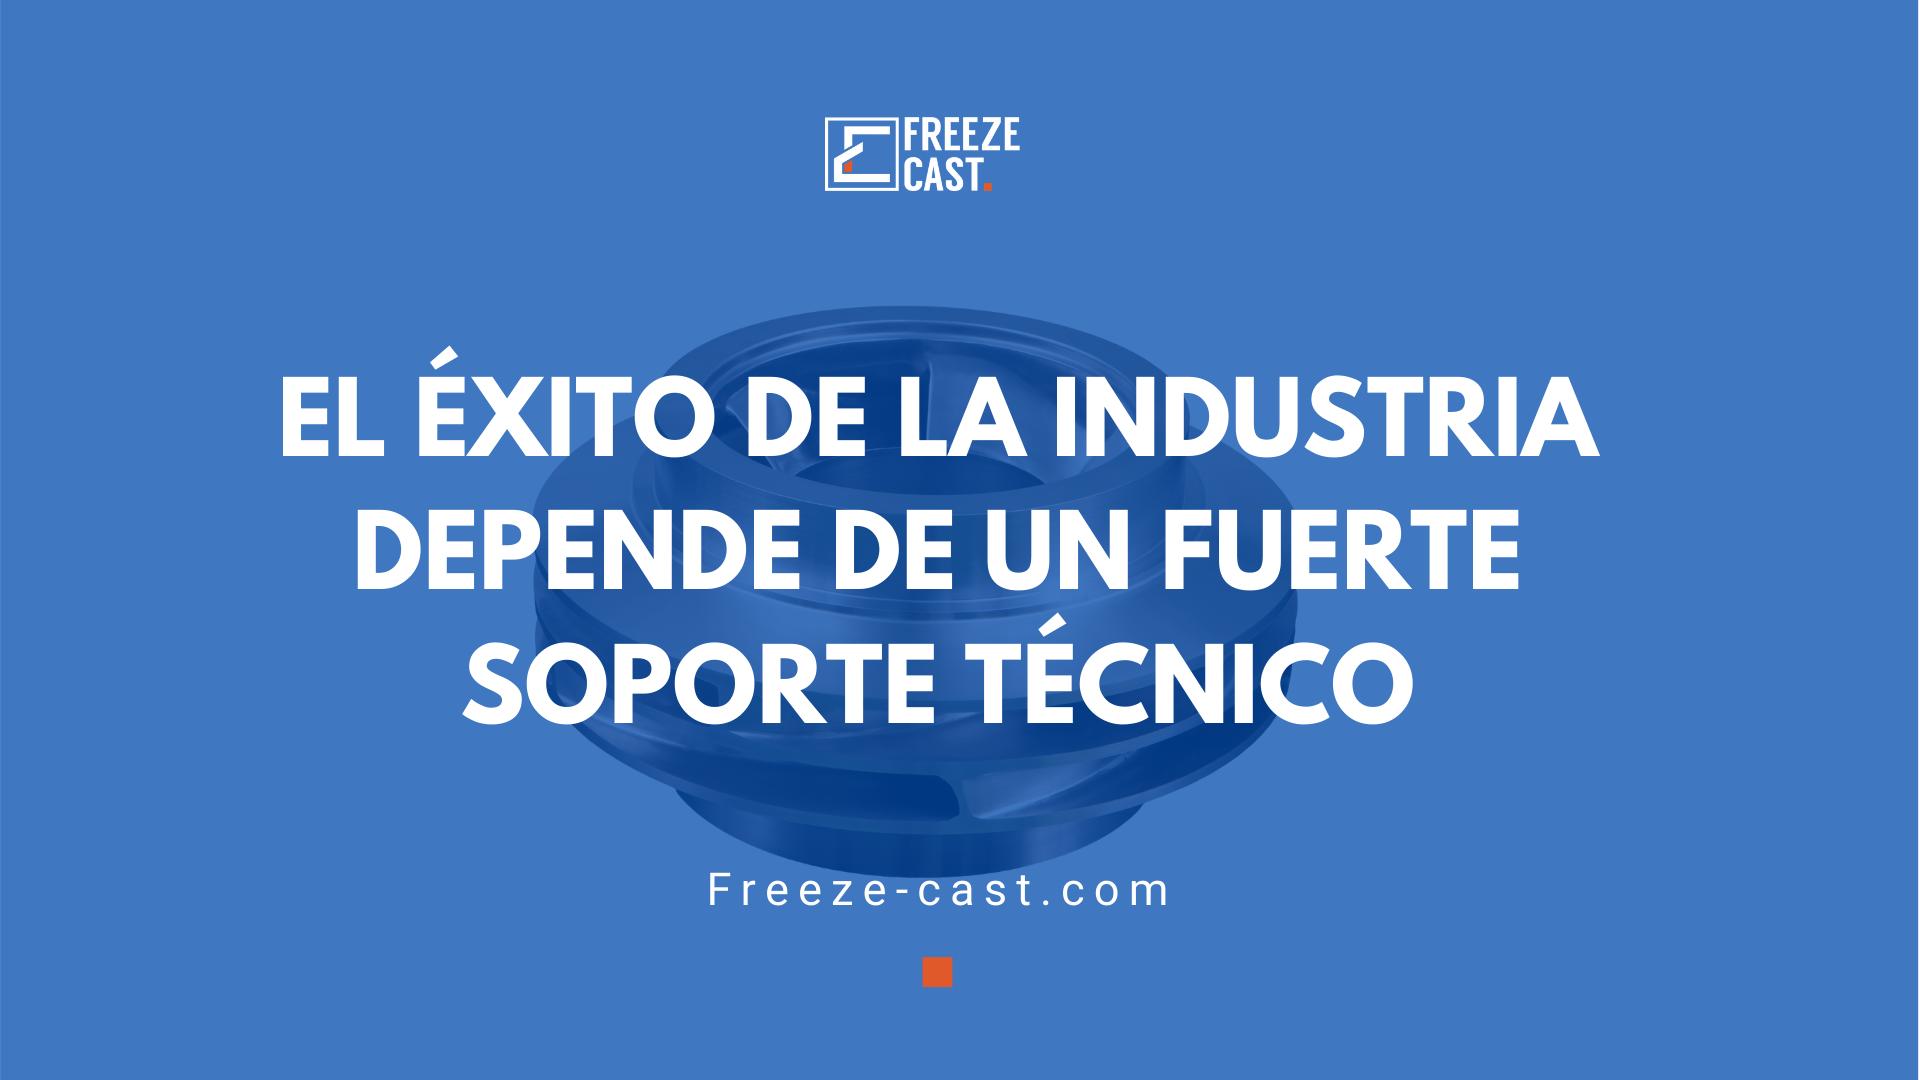 El éxito de la Industria depende de un fuertesoporte técnico